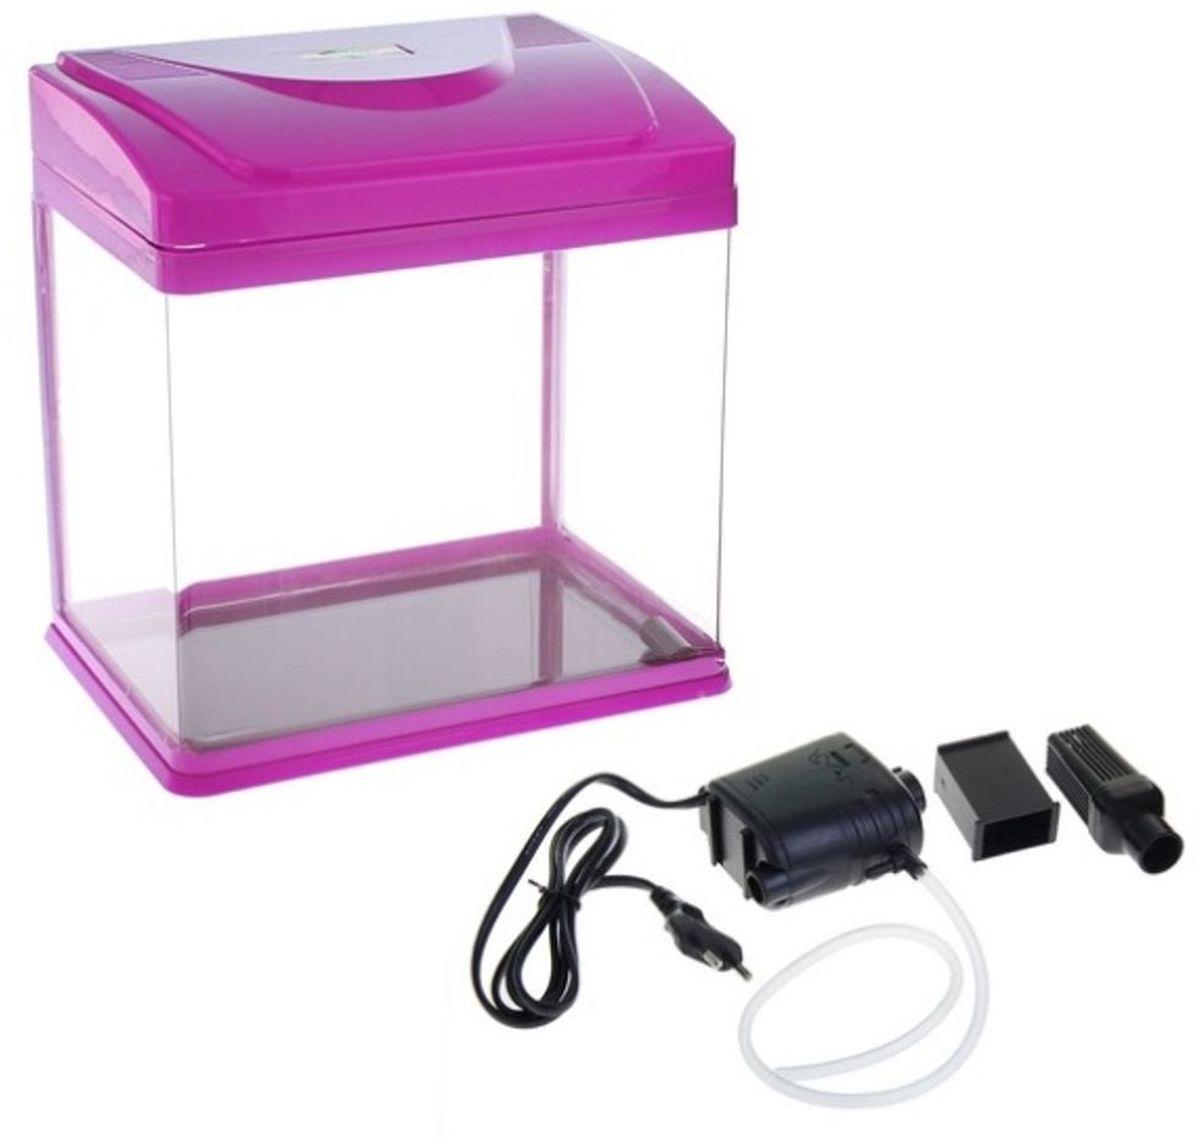 Аквариум Sea Star HX-320F, цвет: пурпурный, прозрачный, 22 лHX-320F purpleАквариум Sea Star HX-320F станет отличным украшением дома или офиса. Элегантная емкость укомплектована необходимым оборудованием (энергопотребление - 3 Вт), которое позволяет максимально быстро подготовить экосистему и заселить ее рыбками.Выгнутая передняя стенка выполнена из полированного акрила - материала, который не уступает по прочности стеклу и отличается исключительной прозрачностью. Он не царапается и дает возможность наблюдать за обитателями аквариума из любого угла комнаты.Изделие имеет пластиковую крышку с отверстием для кормления и откидной панелью для быстрого доступа к оборудованию. В комплект входят: LED-светильник, количество и мощность диодов которого идеально соответствуют емкости аквариума, обеспечивая правильное развитие растений и рыбок;встроенный в крышку переливной фильтр с бесшумной помпой и губчатым наполнителем для биологической очистки.